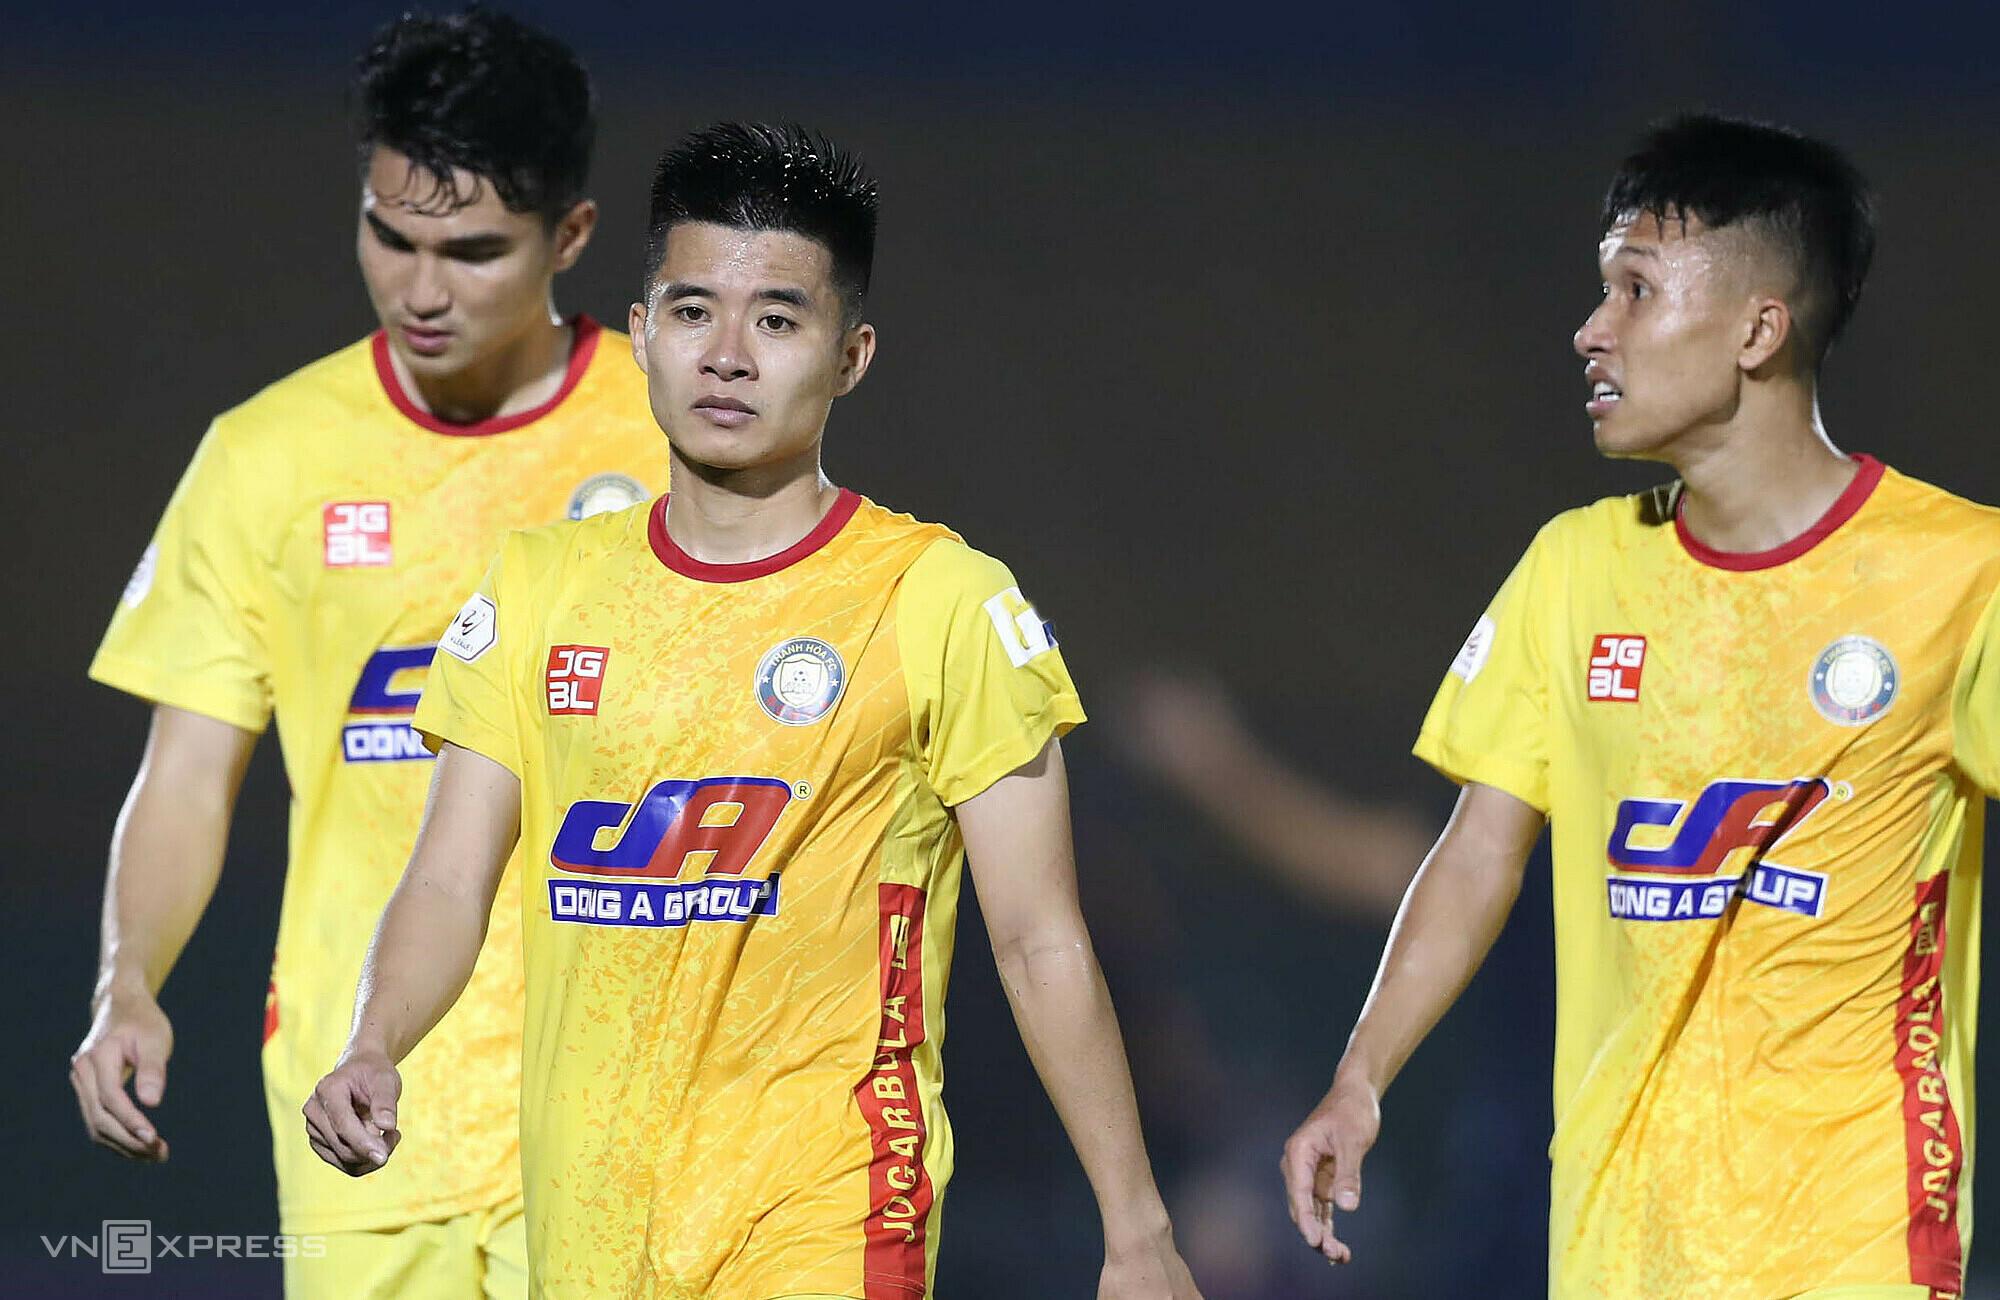 Perpisahan dengan Piala Nasional sebentar lagi merupakan kesempatan bagi Thanh Hoa untuk fokus pada enam gol teratas di V-League.  Foto: Duc Dong.